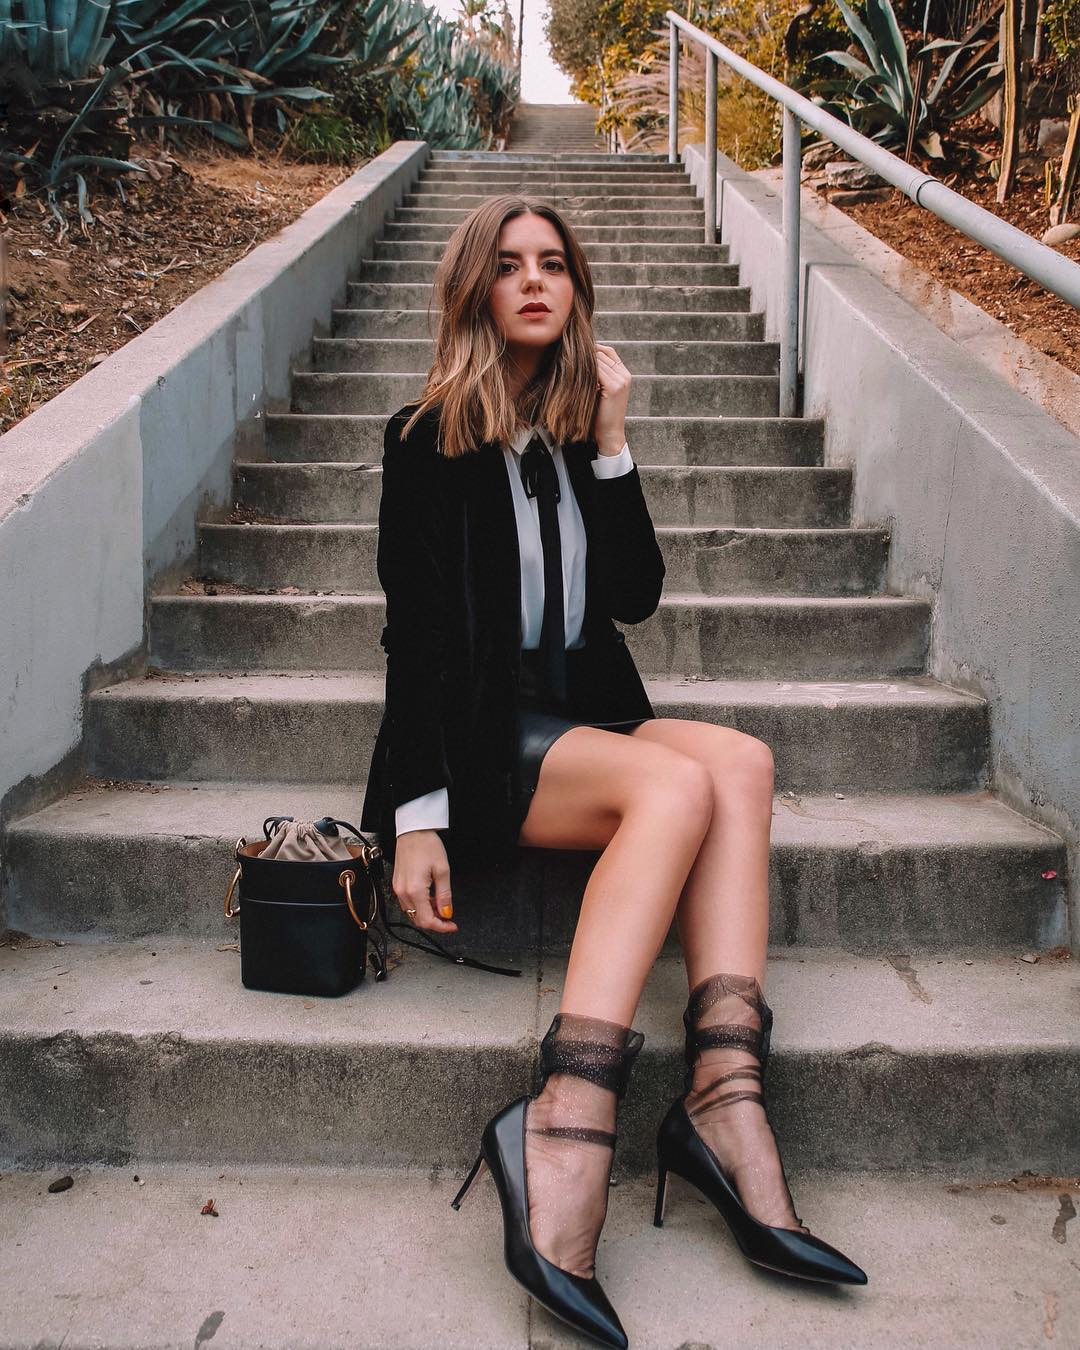 Cô gái phối đồ âu phục đen, giày cao gót đen và tất voan